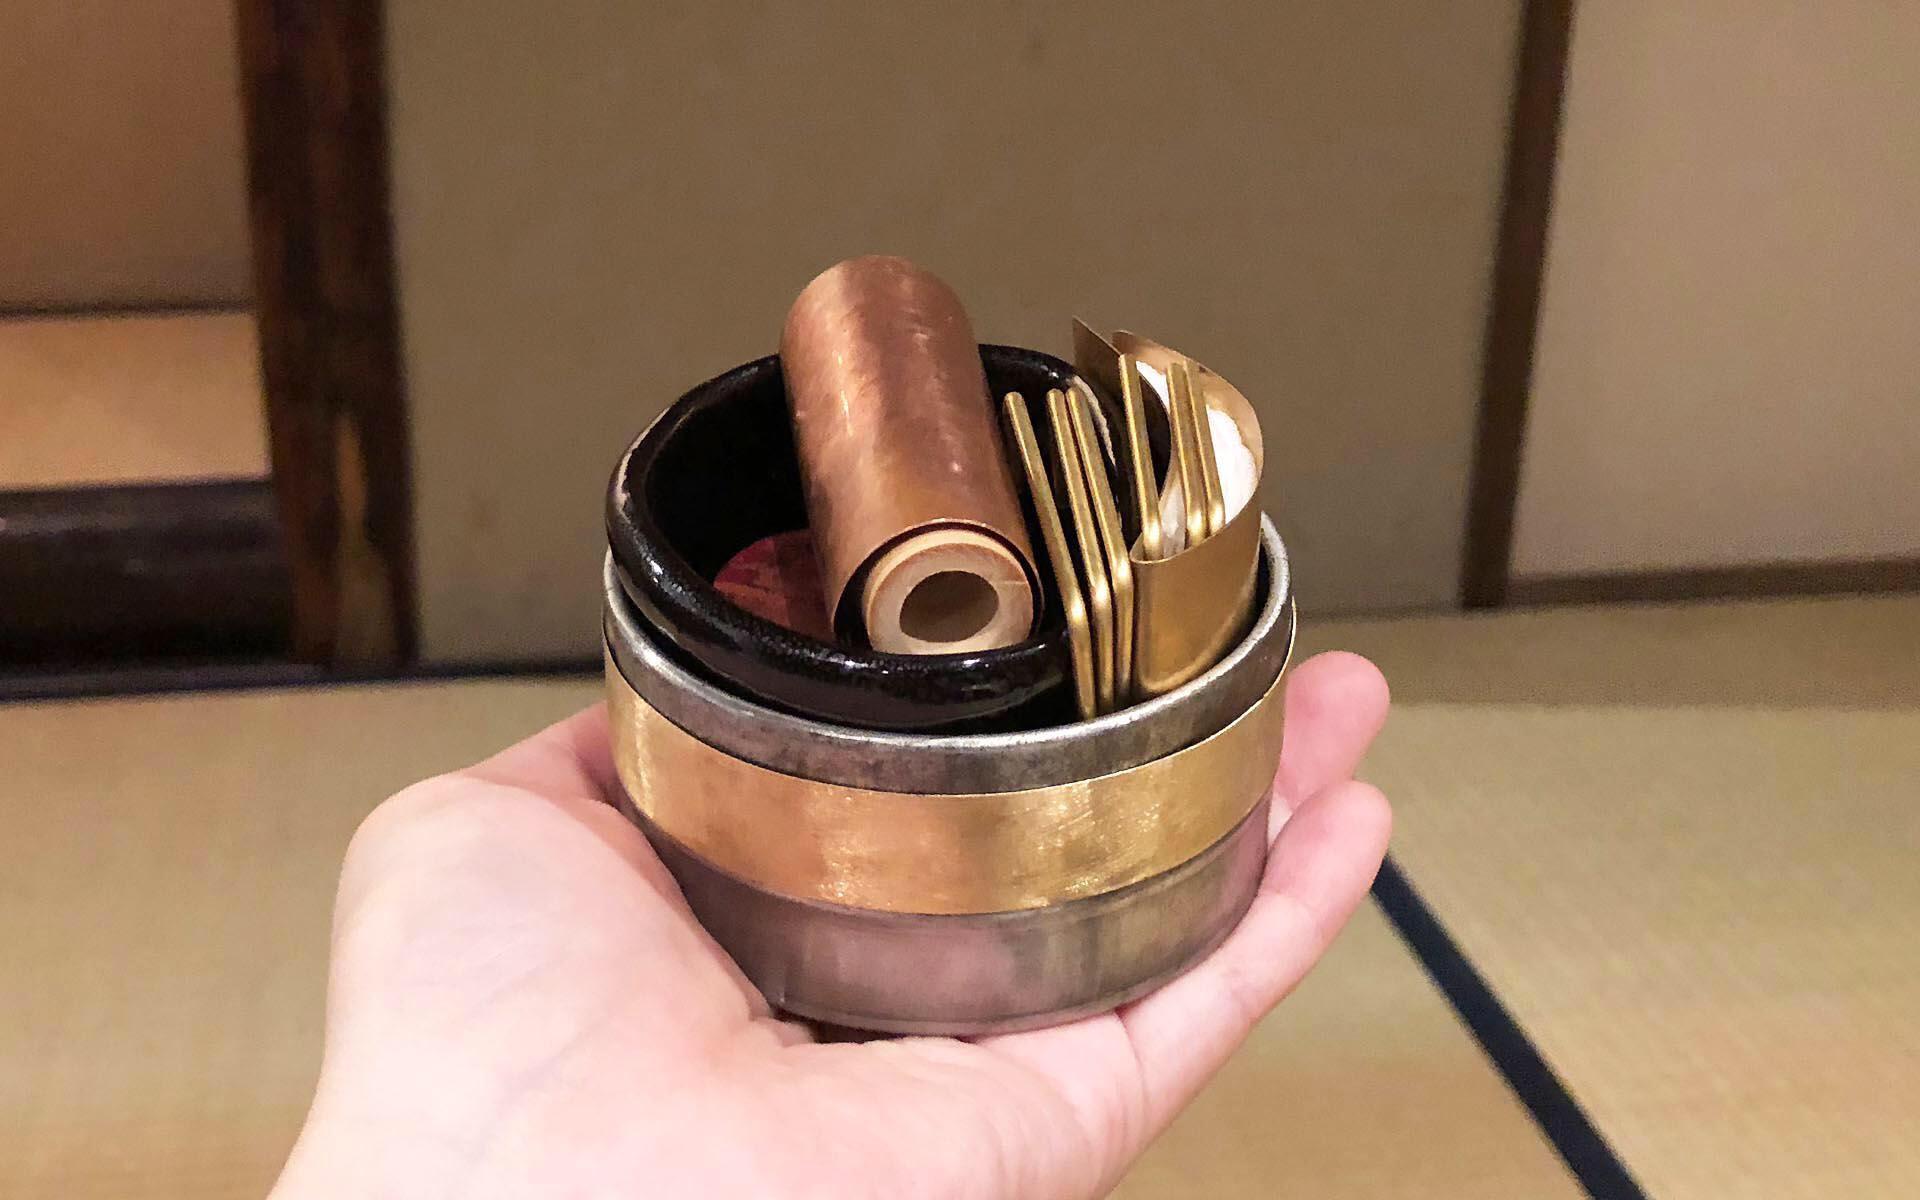 持ち運びできる茶道具セット、竹俣勇壱さんの手のひら「茶箱」で一服を